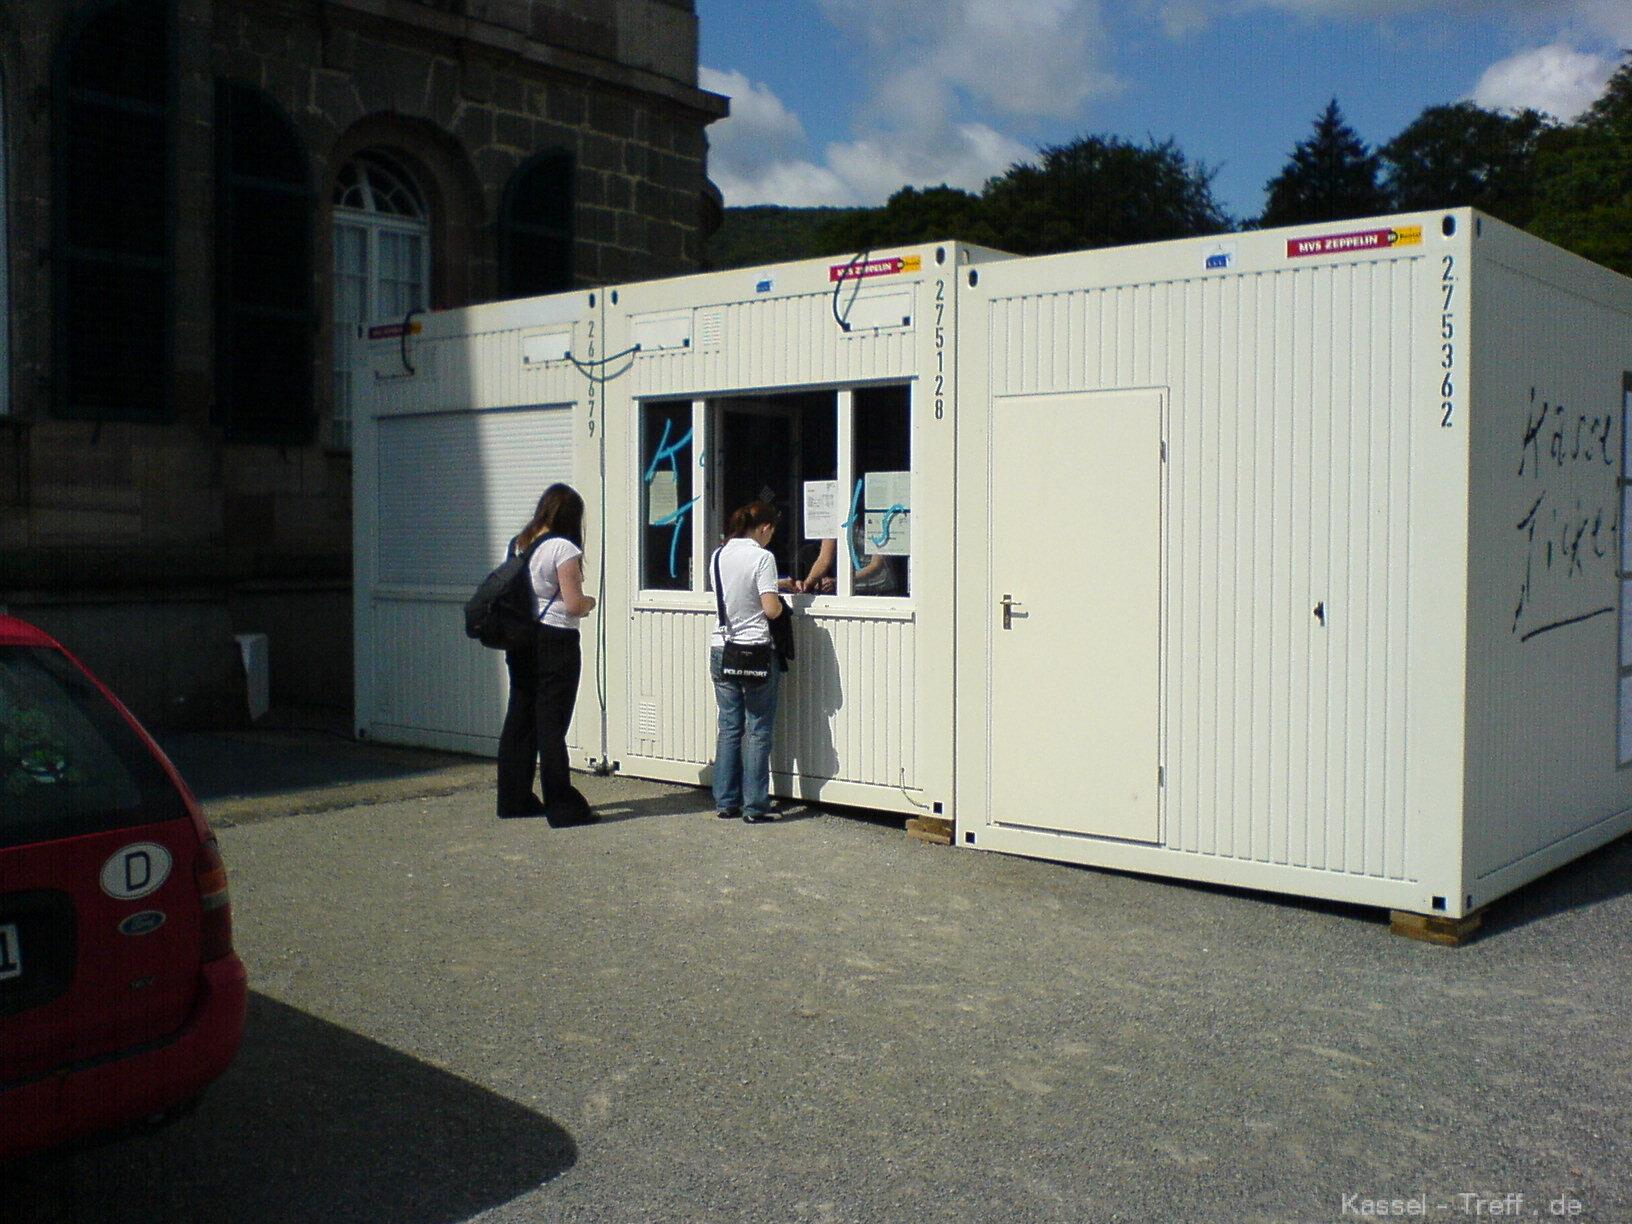 kartenverkauf-zur-documenta-12-am-containe-2.JPG